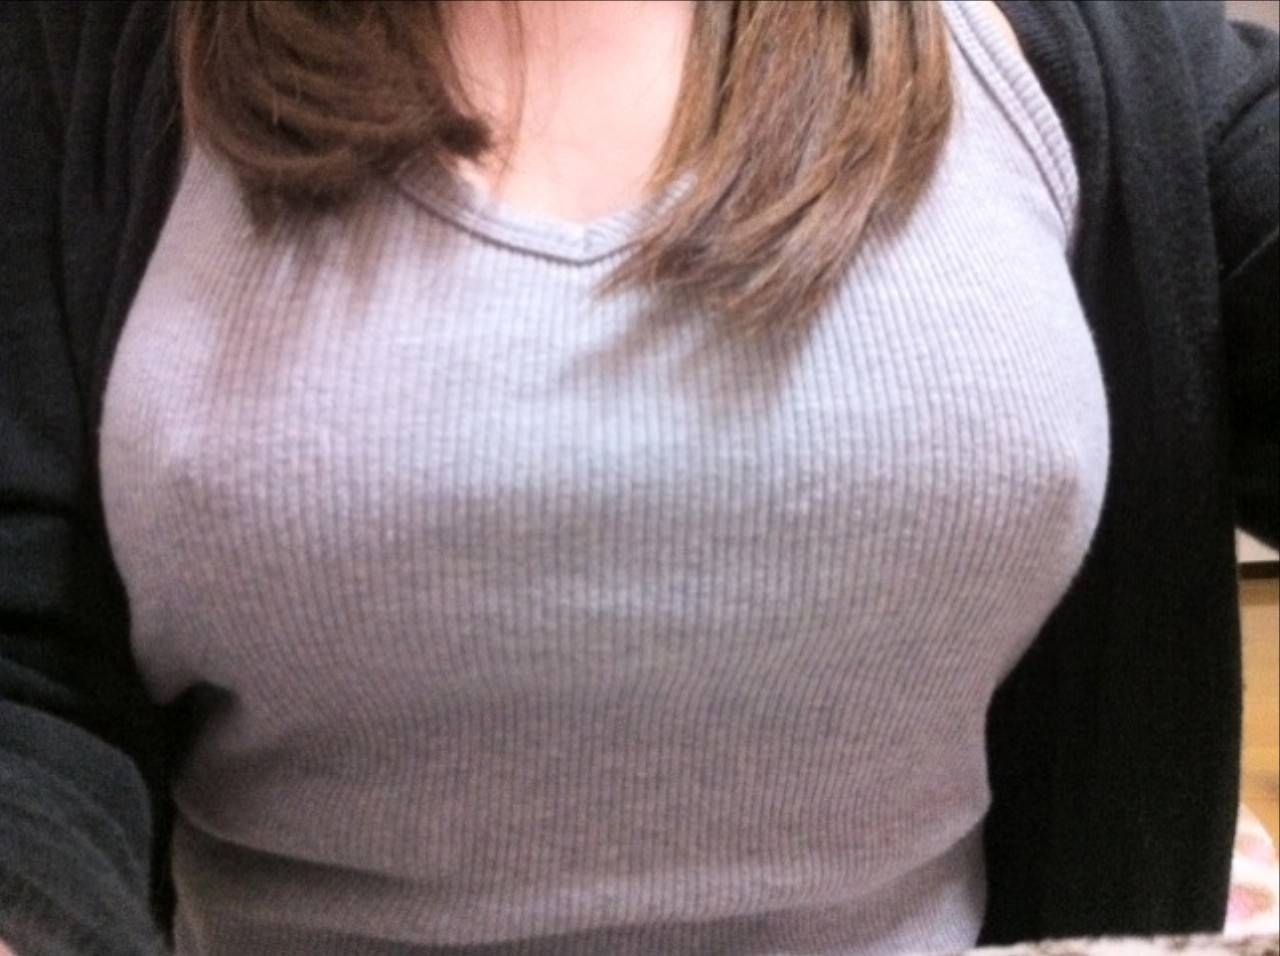 Фото женской груди из под майки, Фото сосков девушки в мокрой майке - Частное порно фото 3 фотография